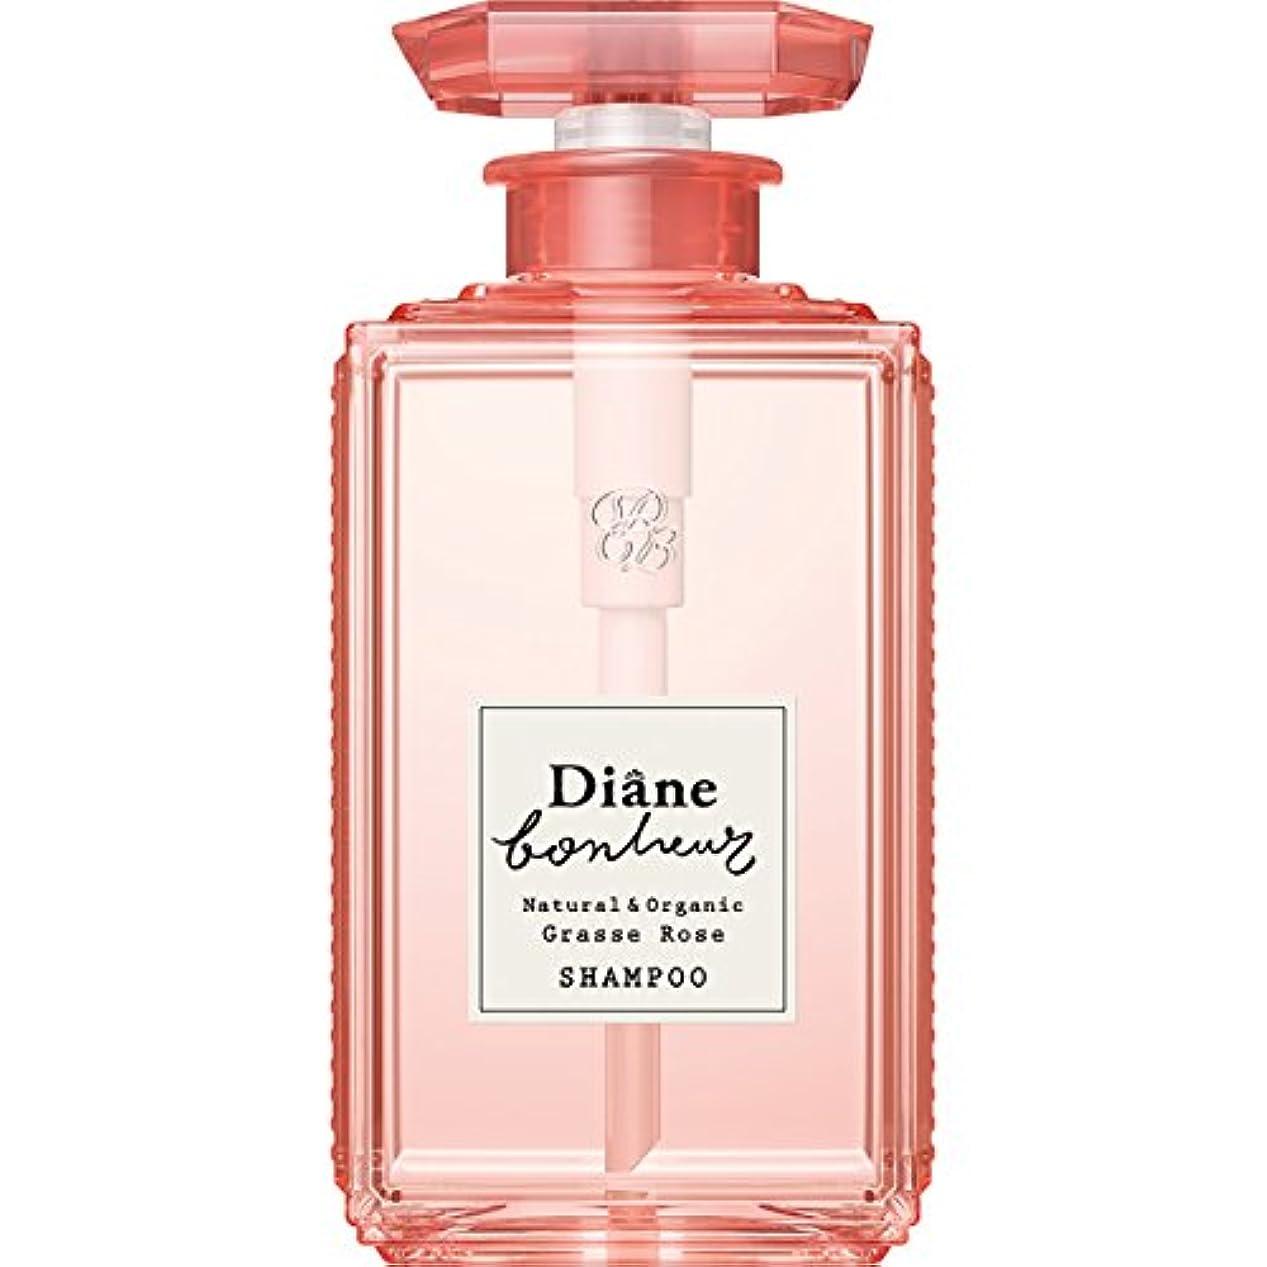 アルコール眉をひそめる調整可能ダイアン ボヌール グラースローズの香り ダメージリペア シャンプー 500ml